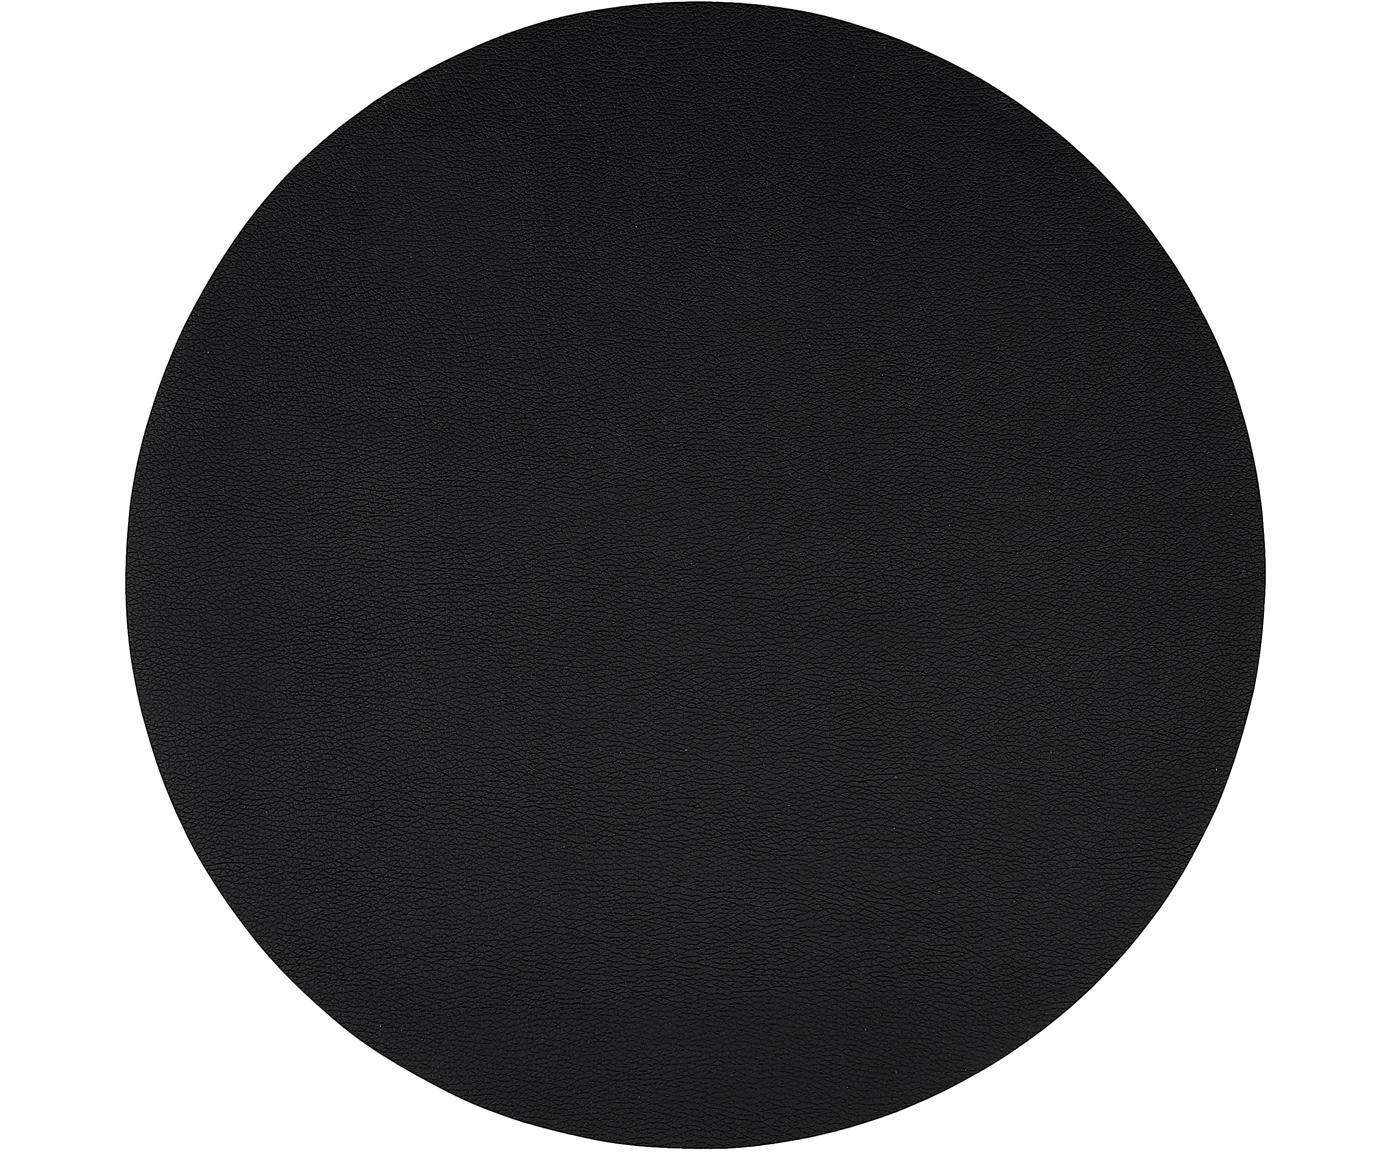 Ronde placemats Pik, 2 stuks, Kunststof (PVC) van kunstleer, Zwart, Ø 38 cm